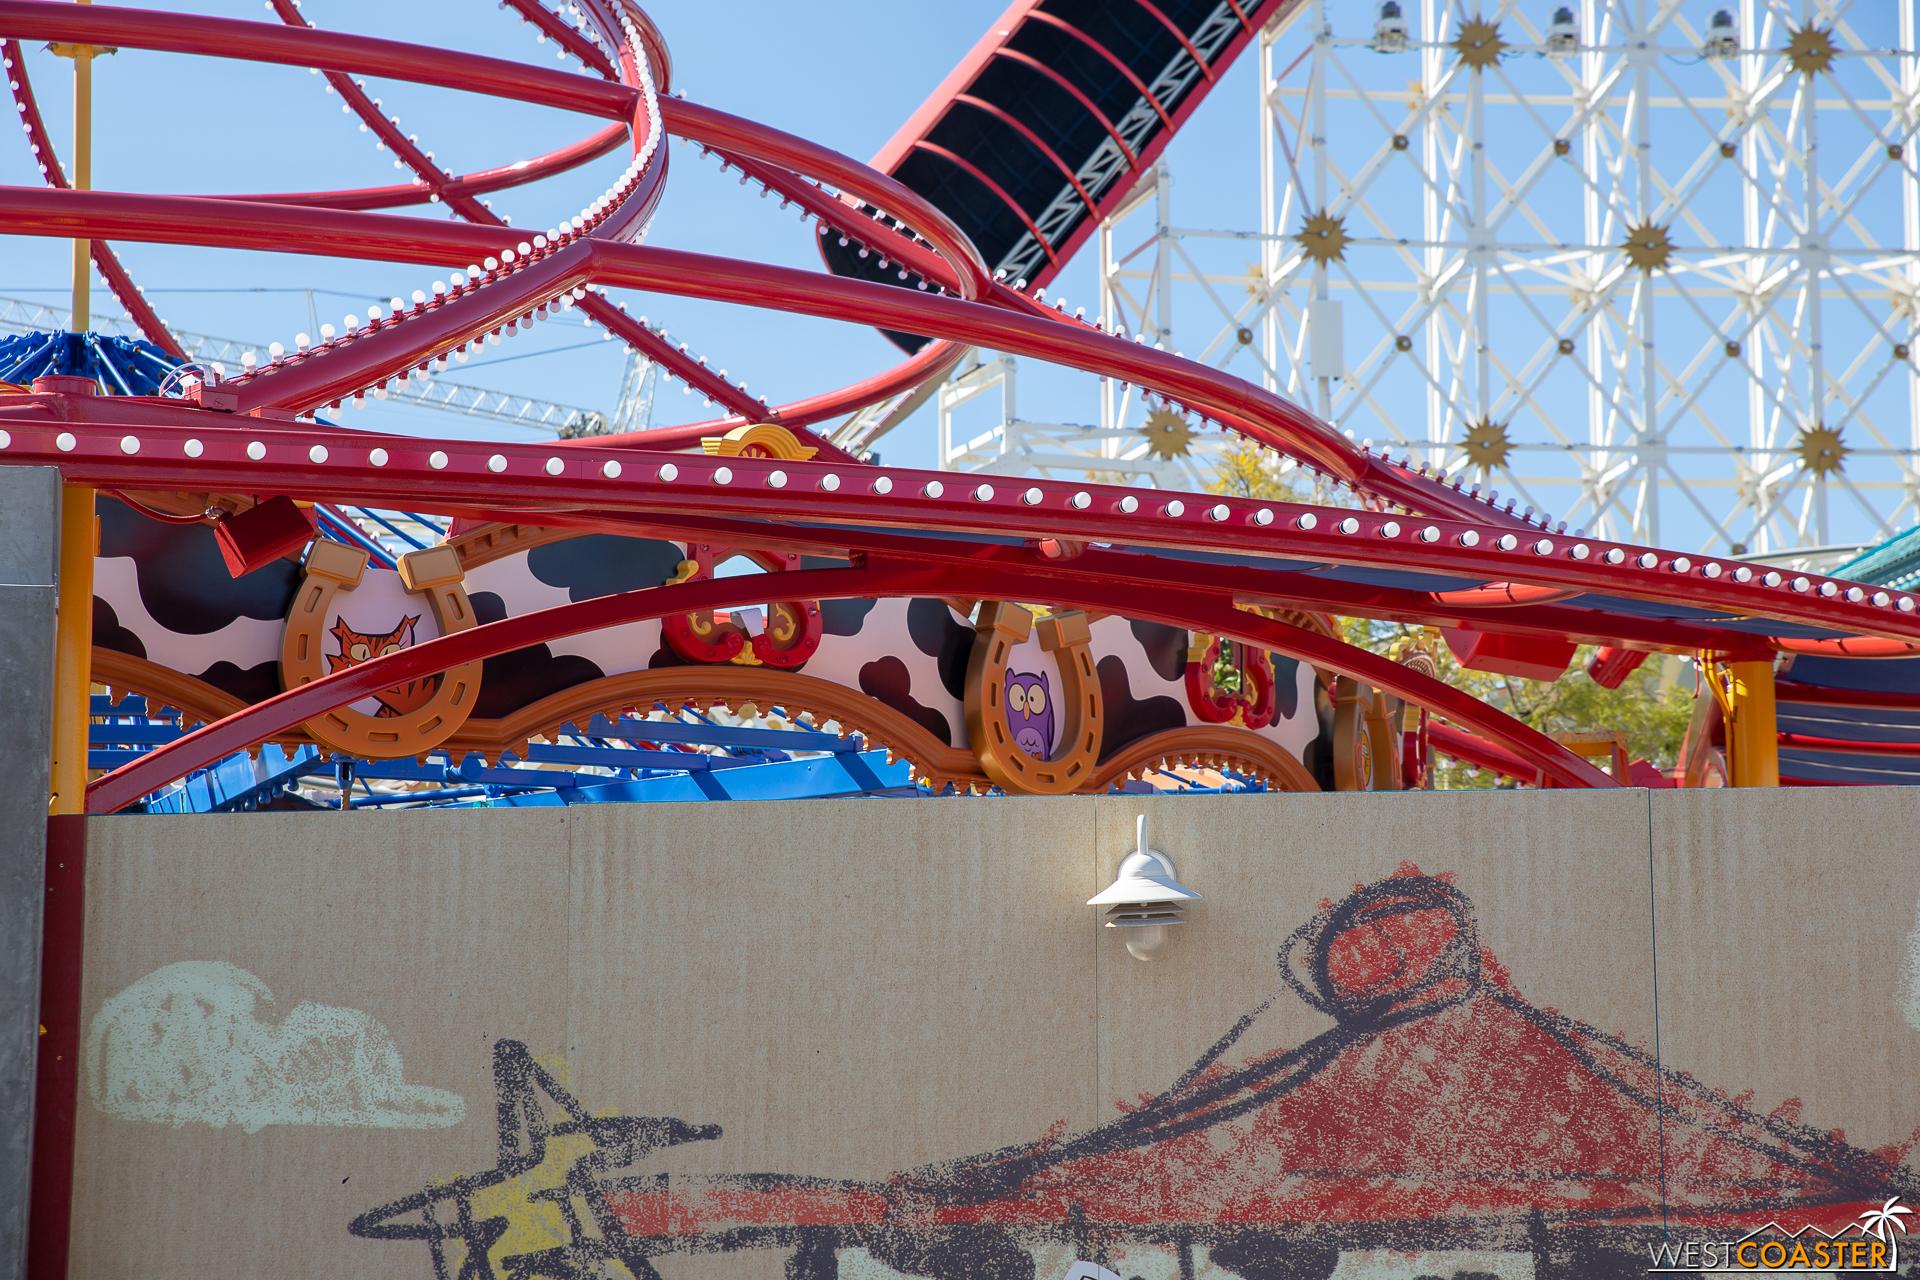 Westcoaster Disneyland Update 2-19-65.jpg